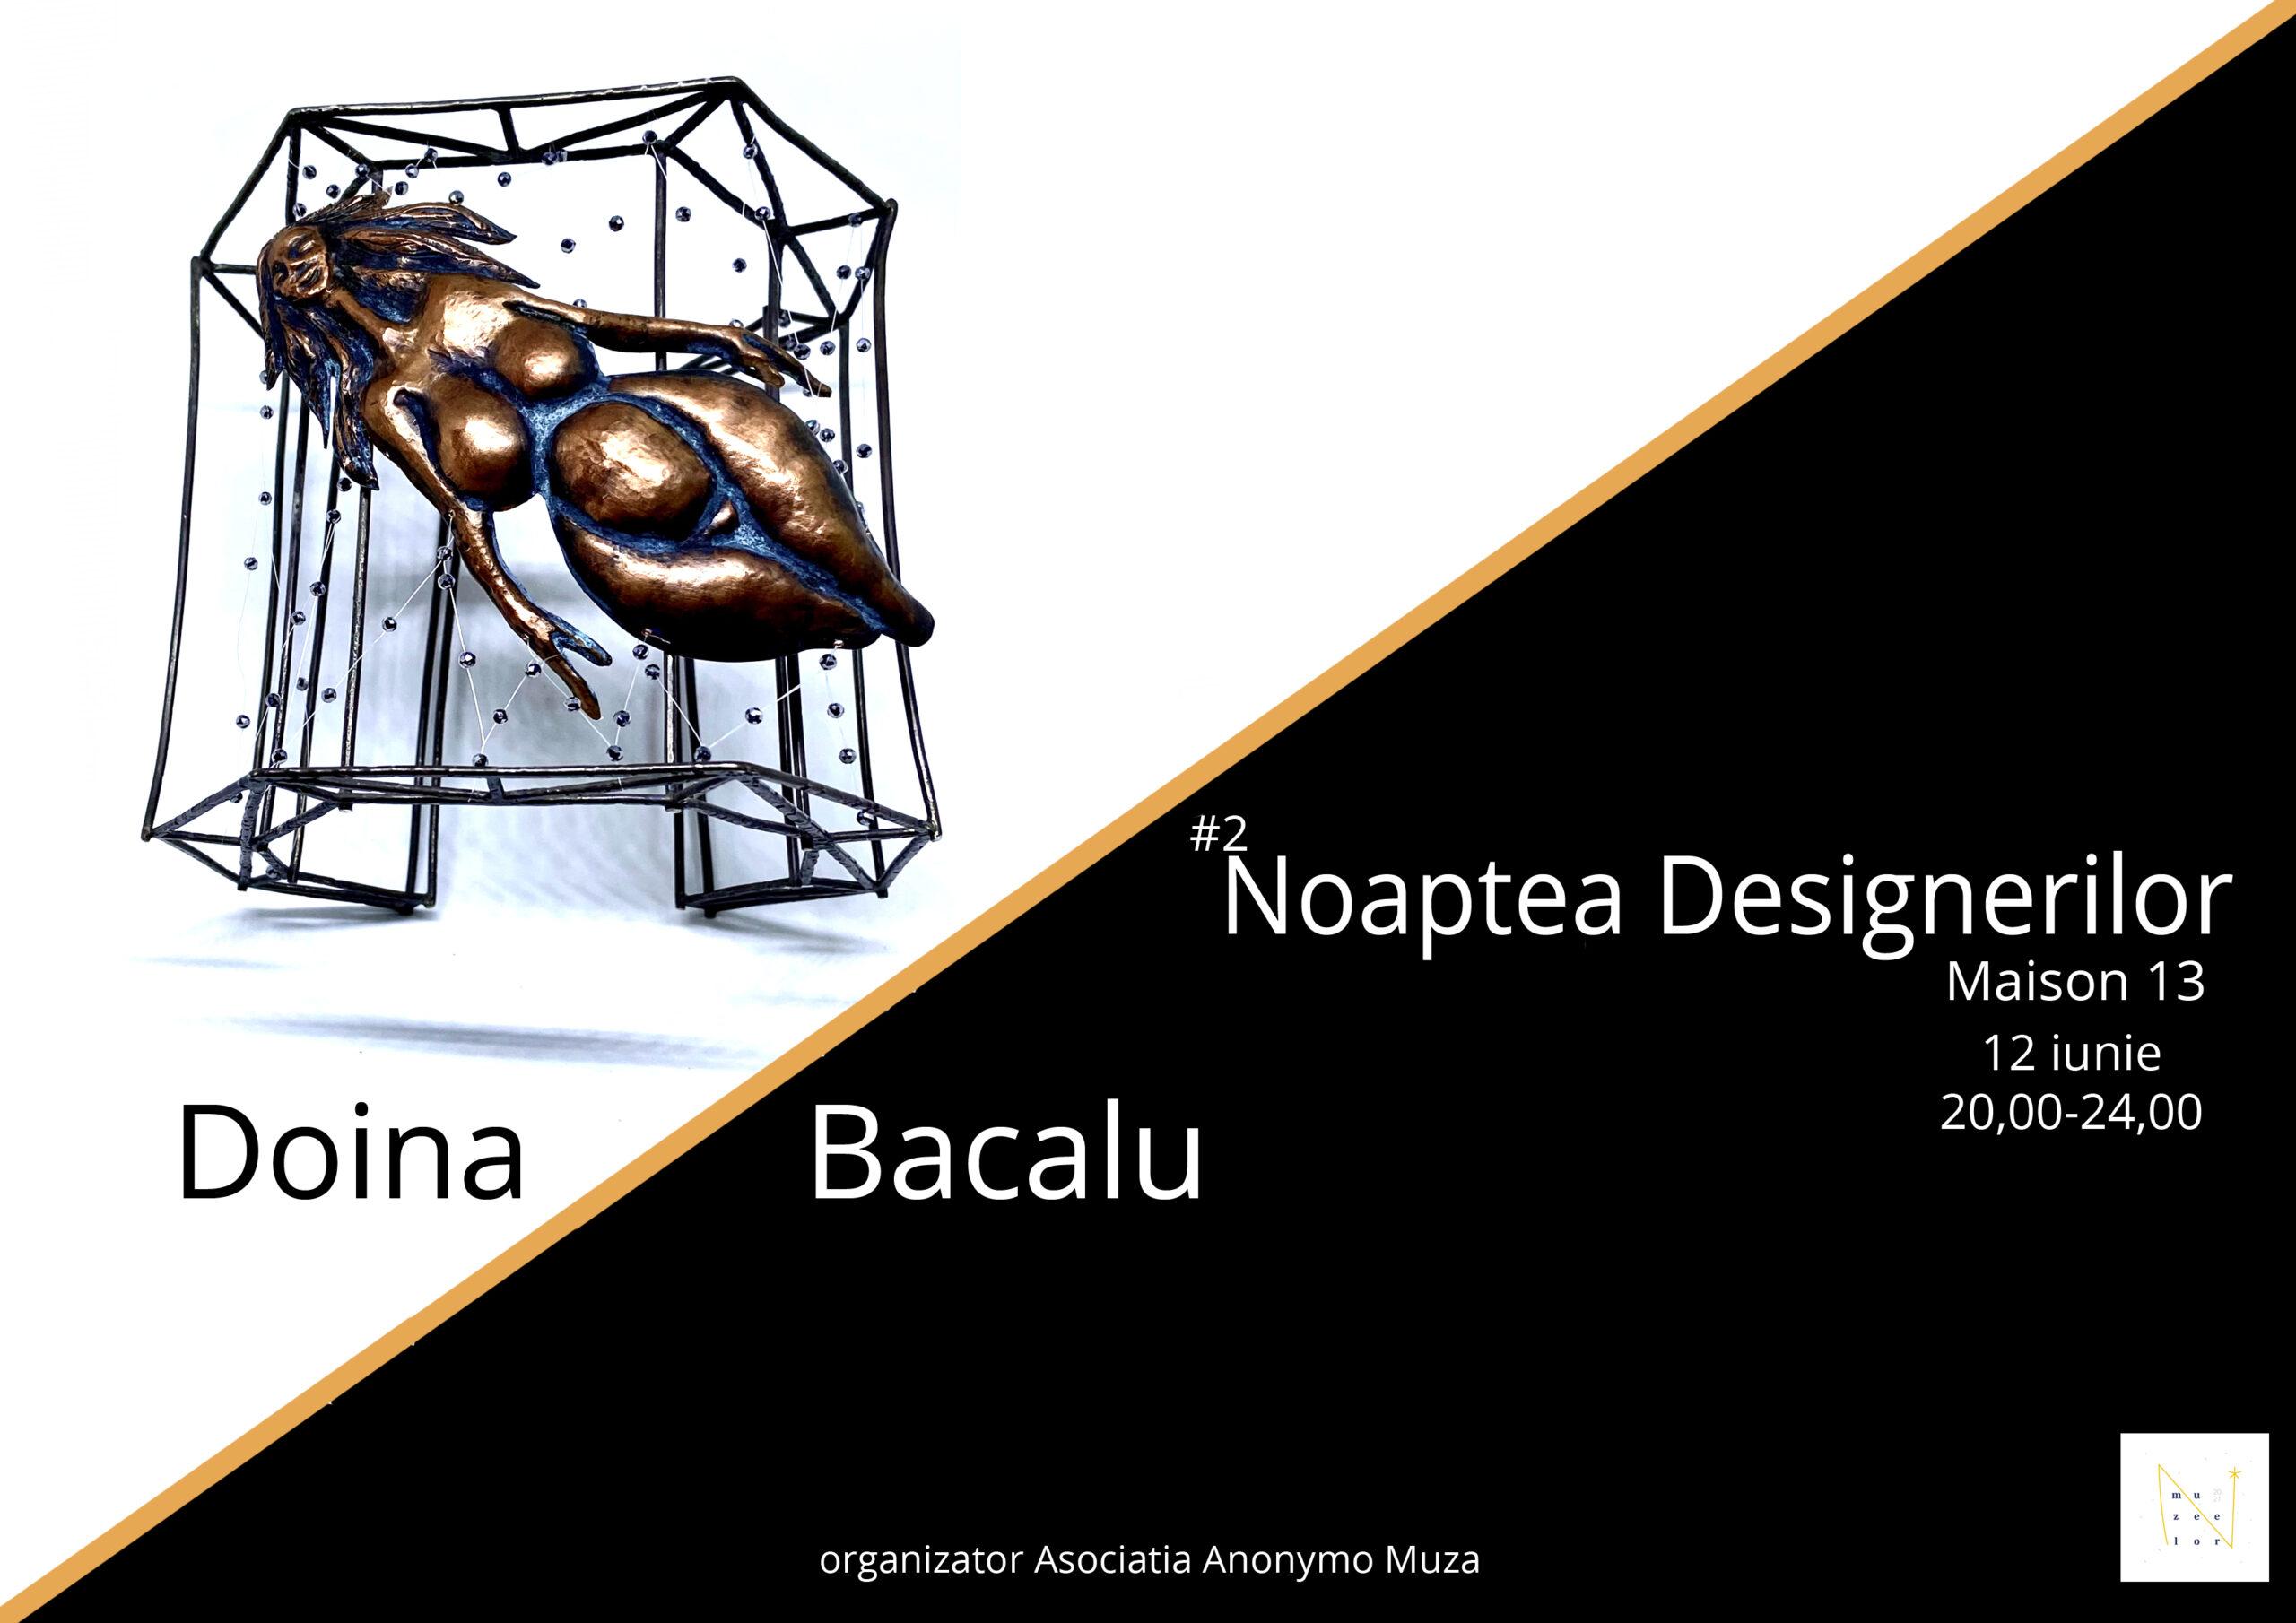 Doina Bacalu